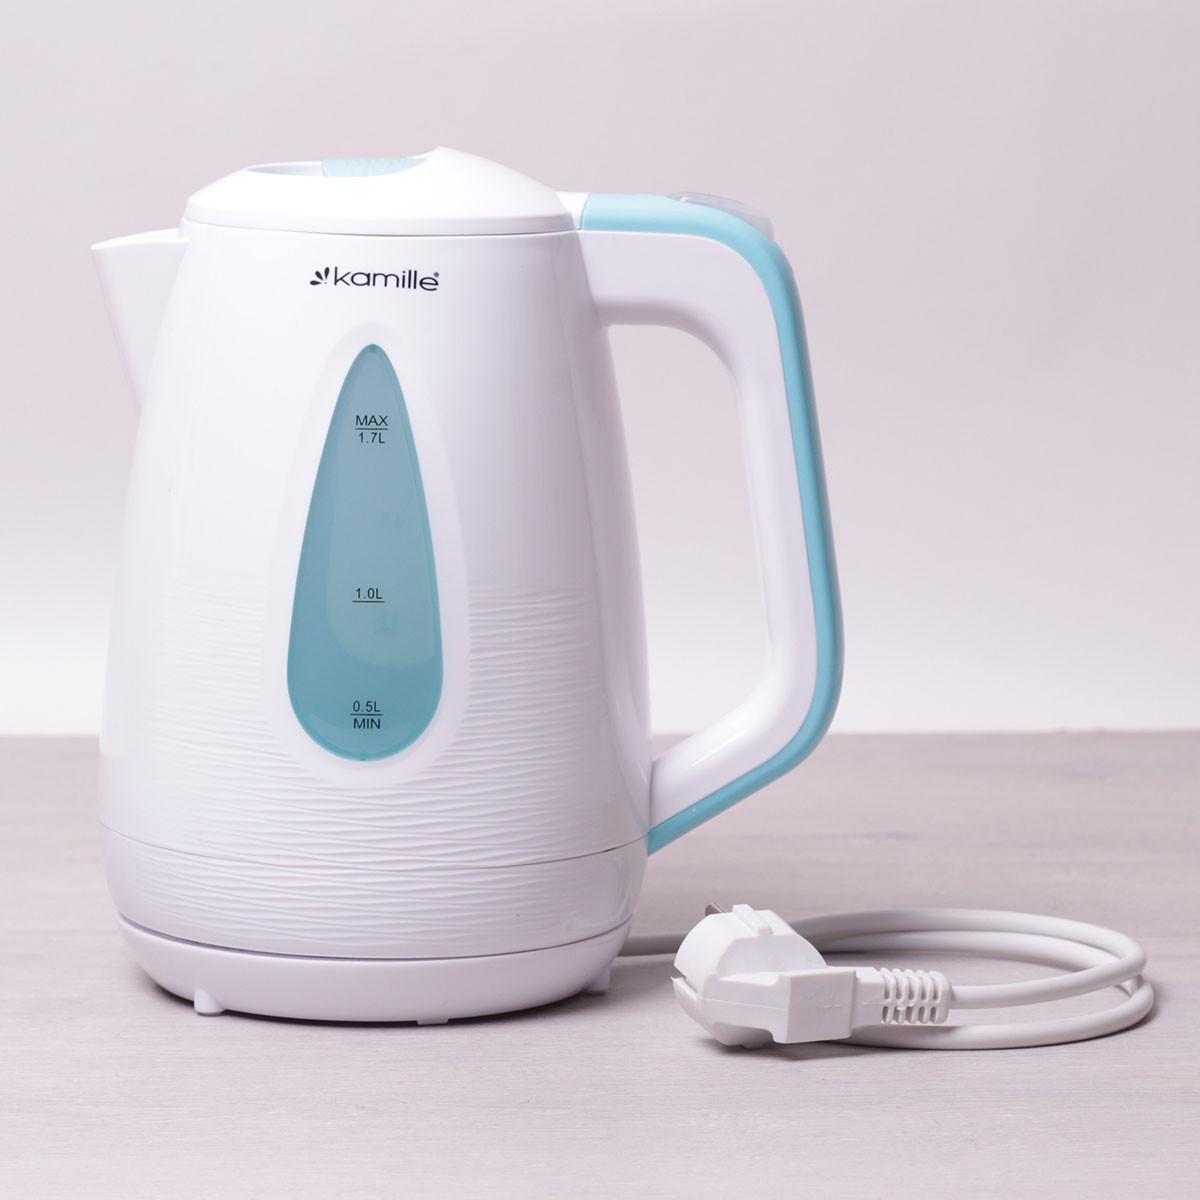 Чайник электрический Kamille 1.7л пластиковый (белый с голубым)